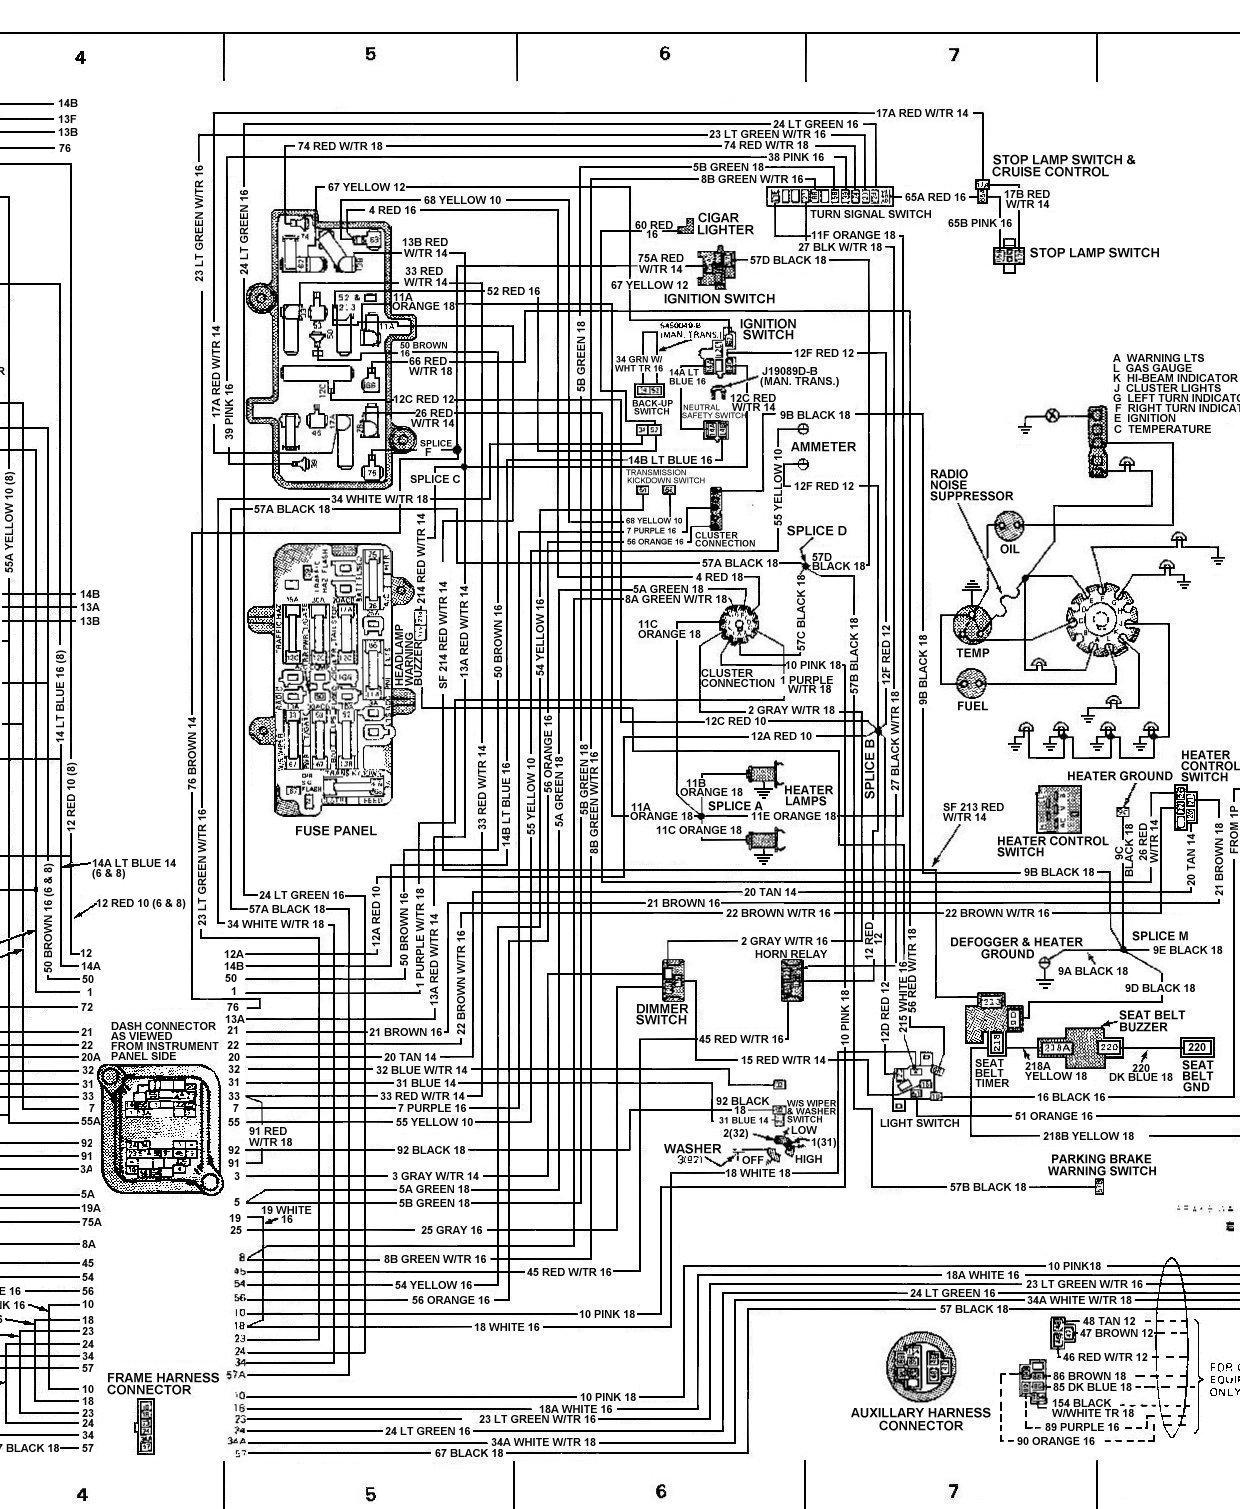 volkswagen jetta wiring diagram subaru engine vw 2 8 1998 ebooks automotive